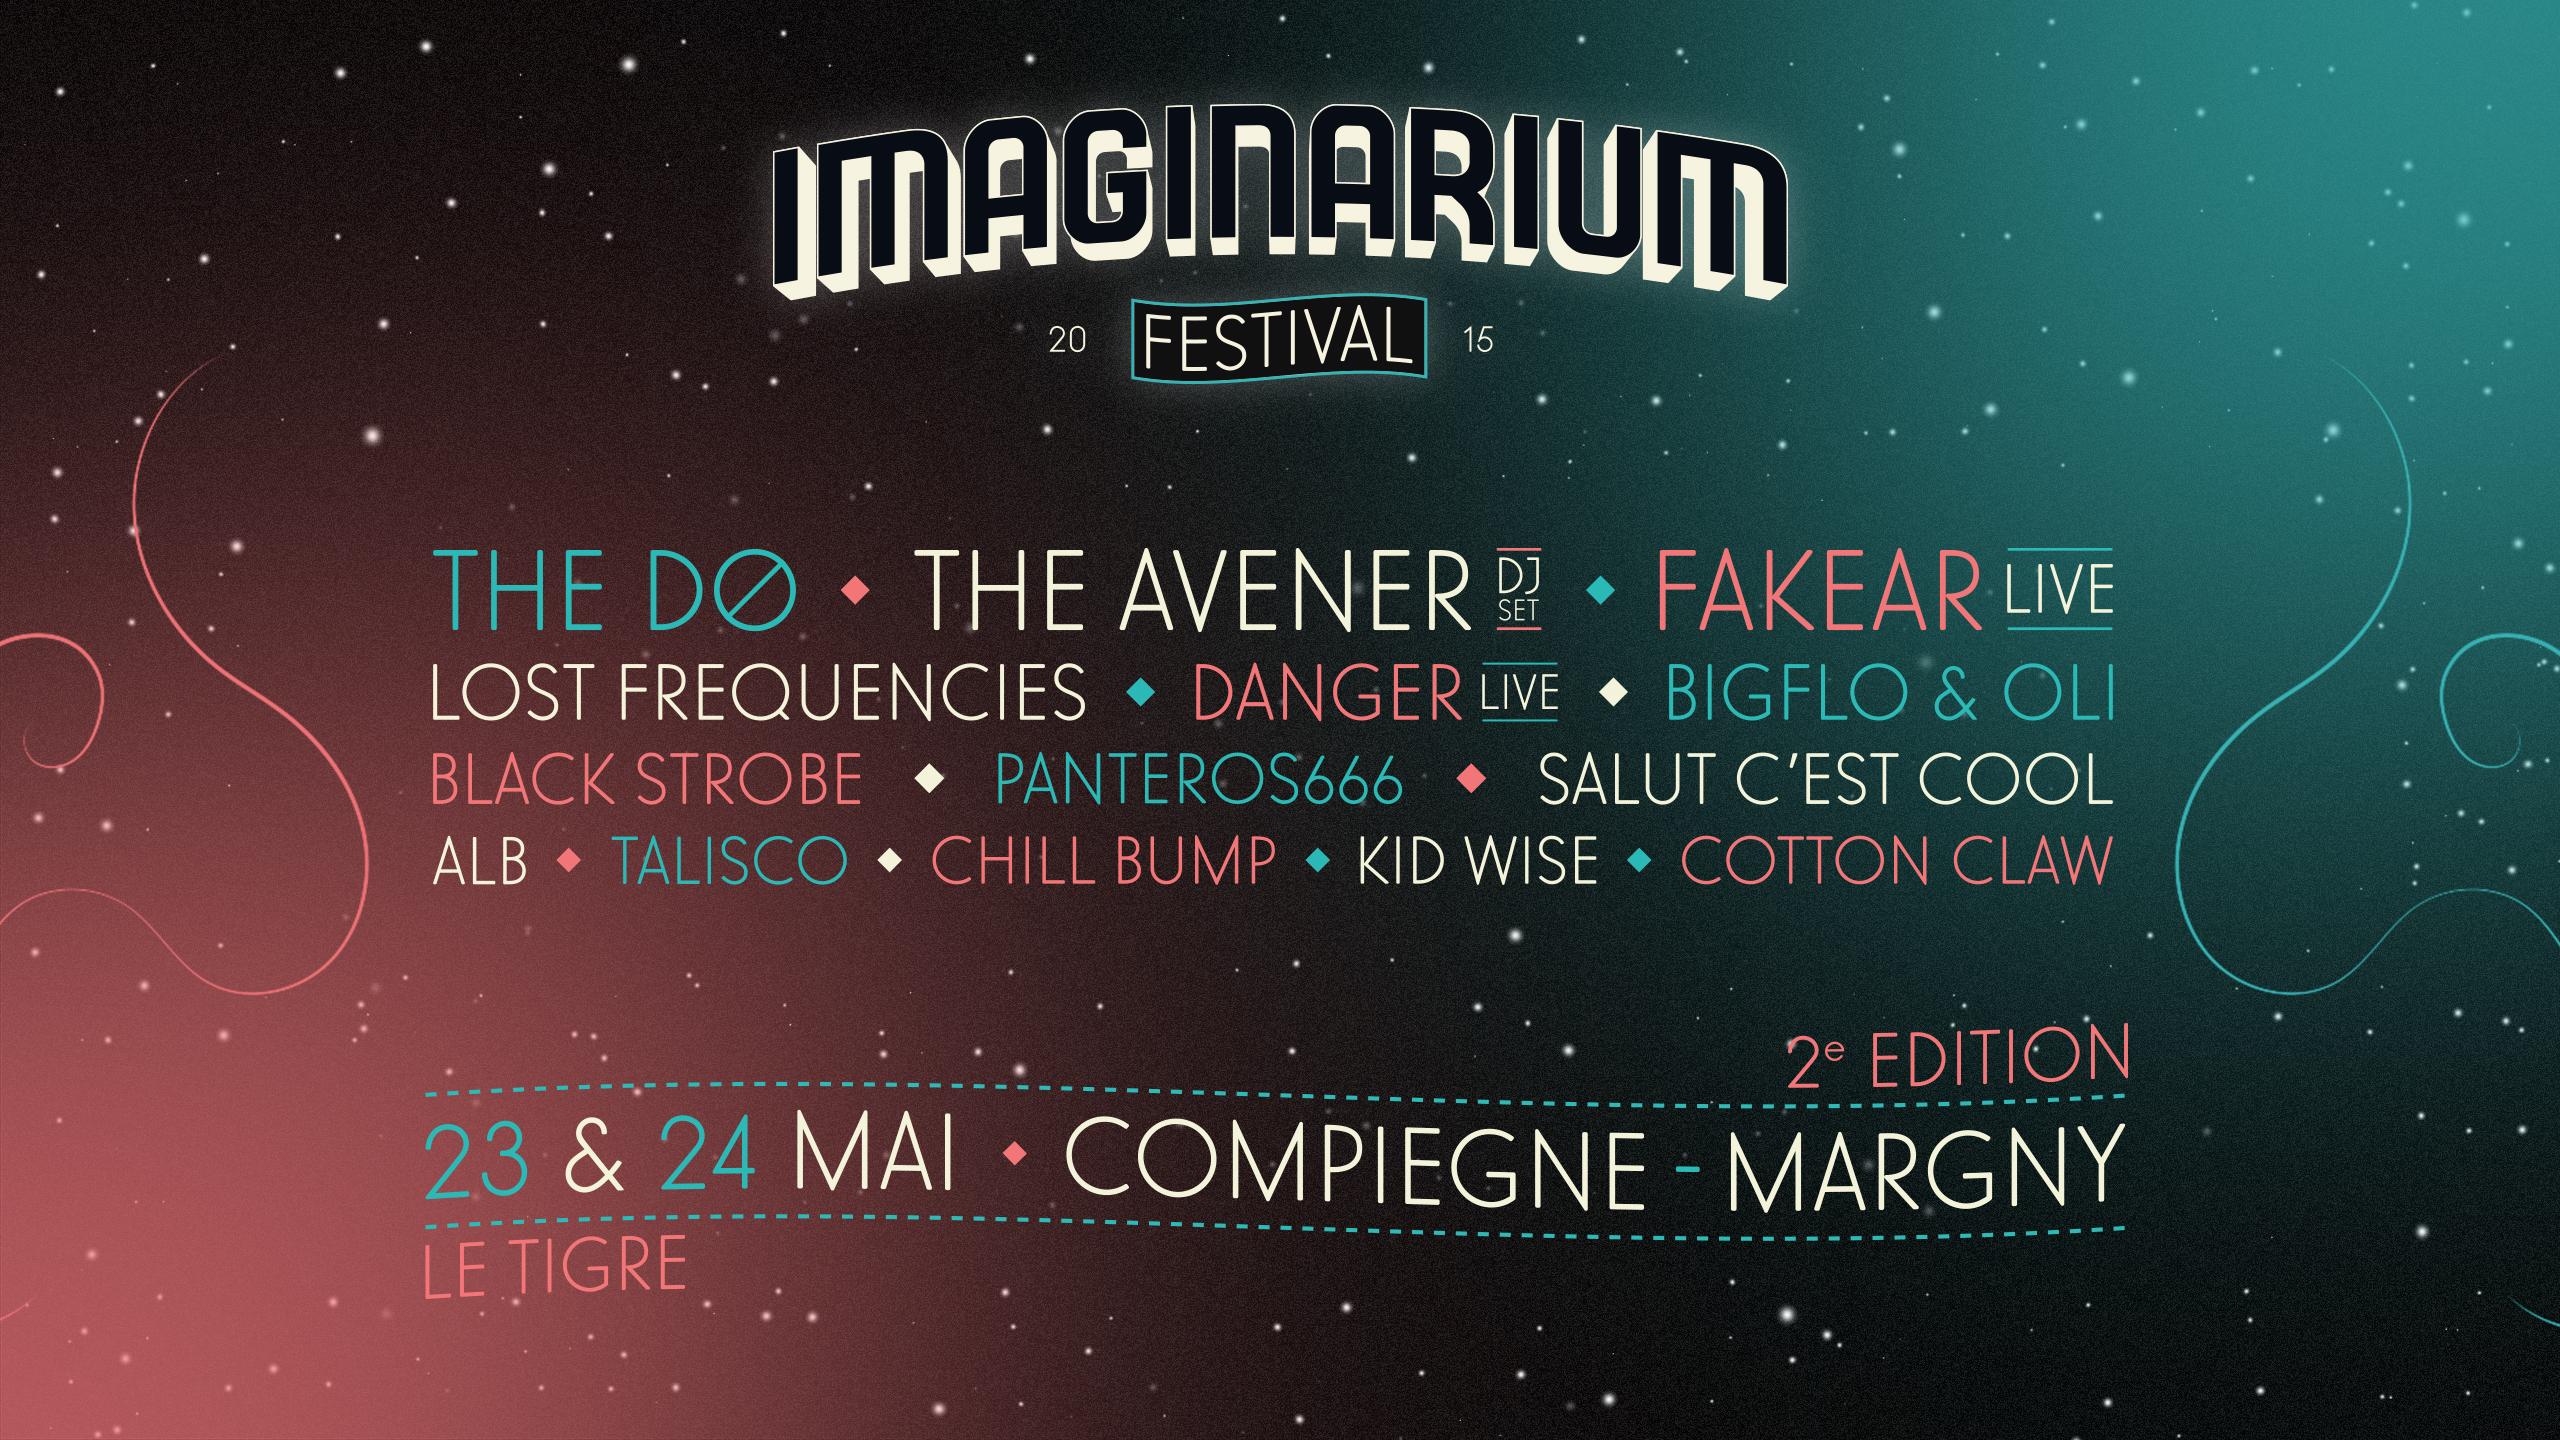 Imaginarium Festival 3 Bandeau